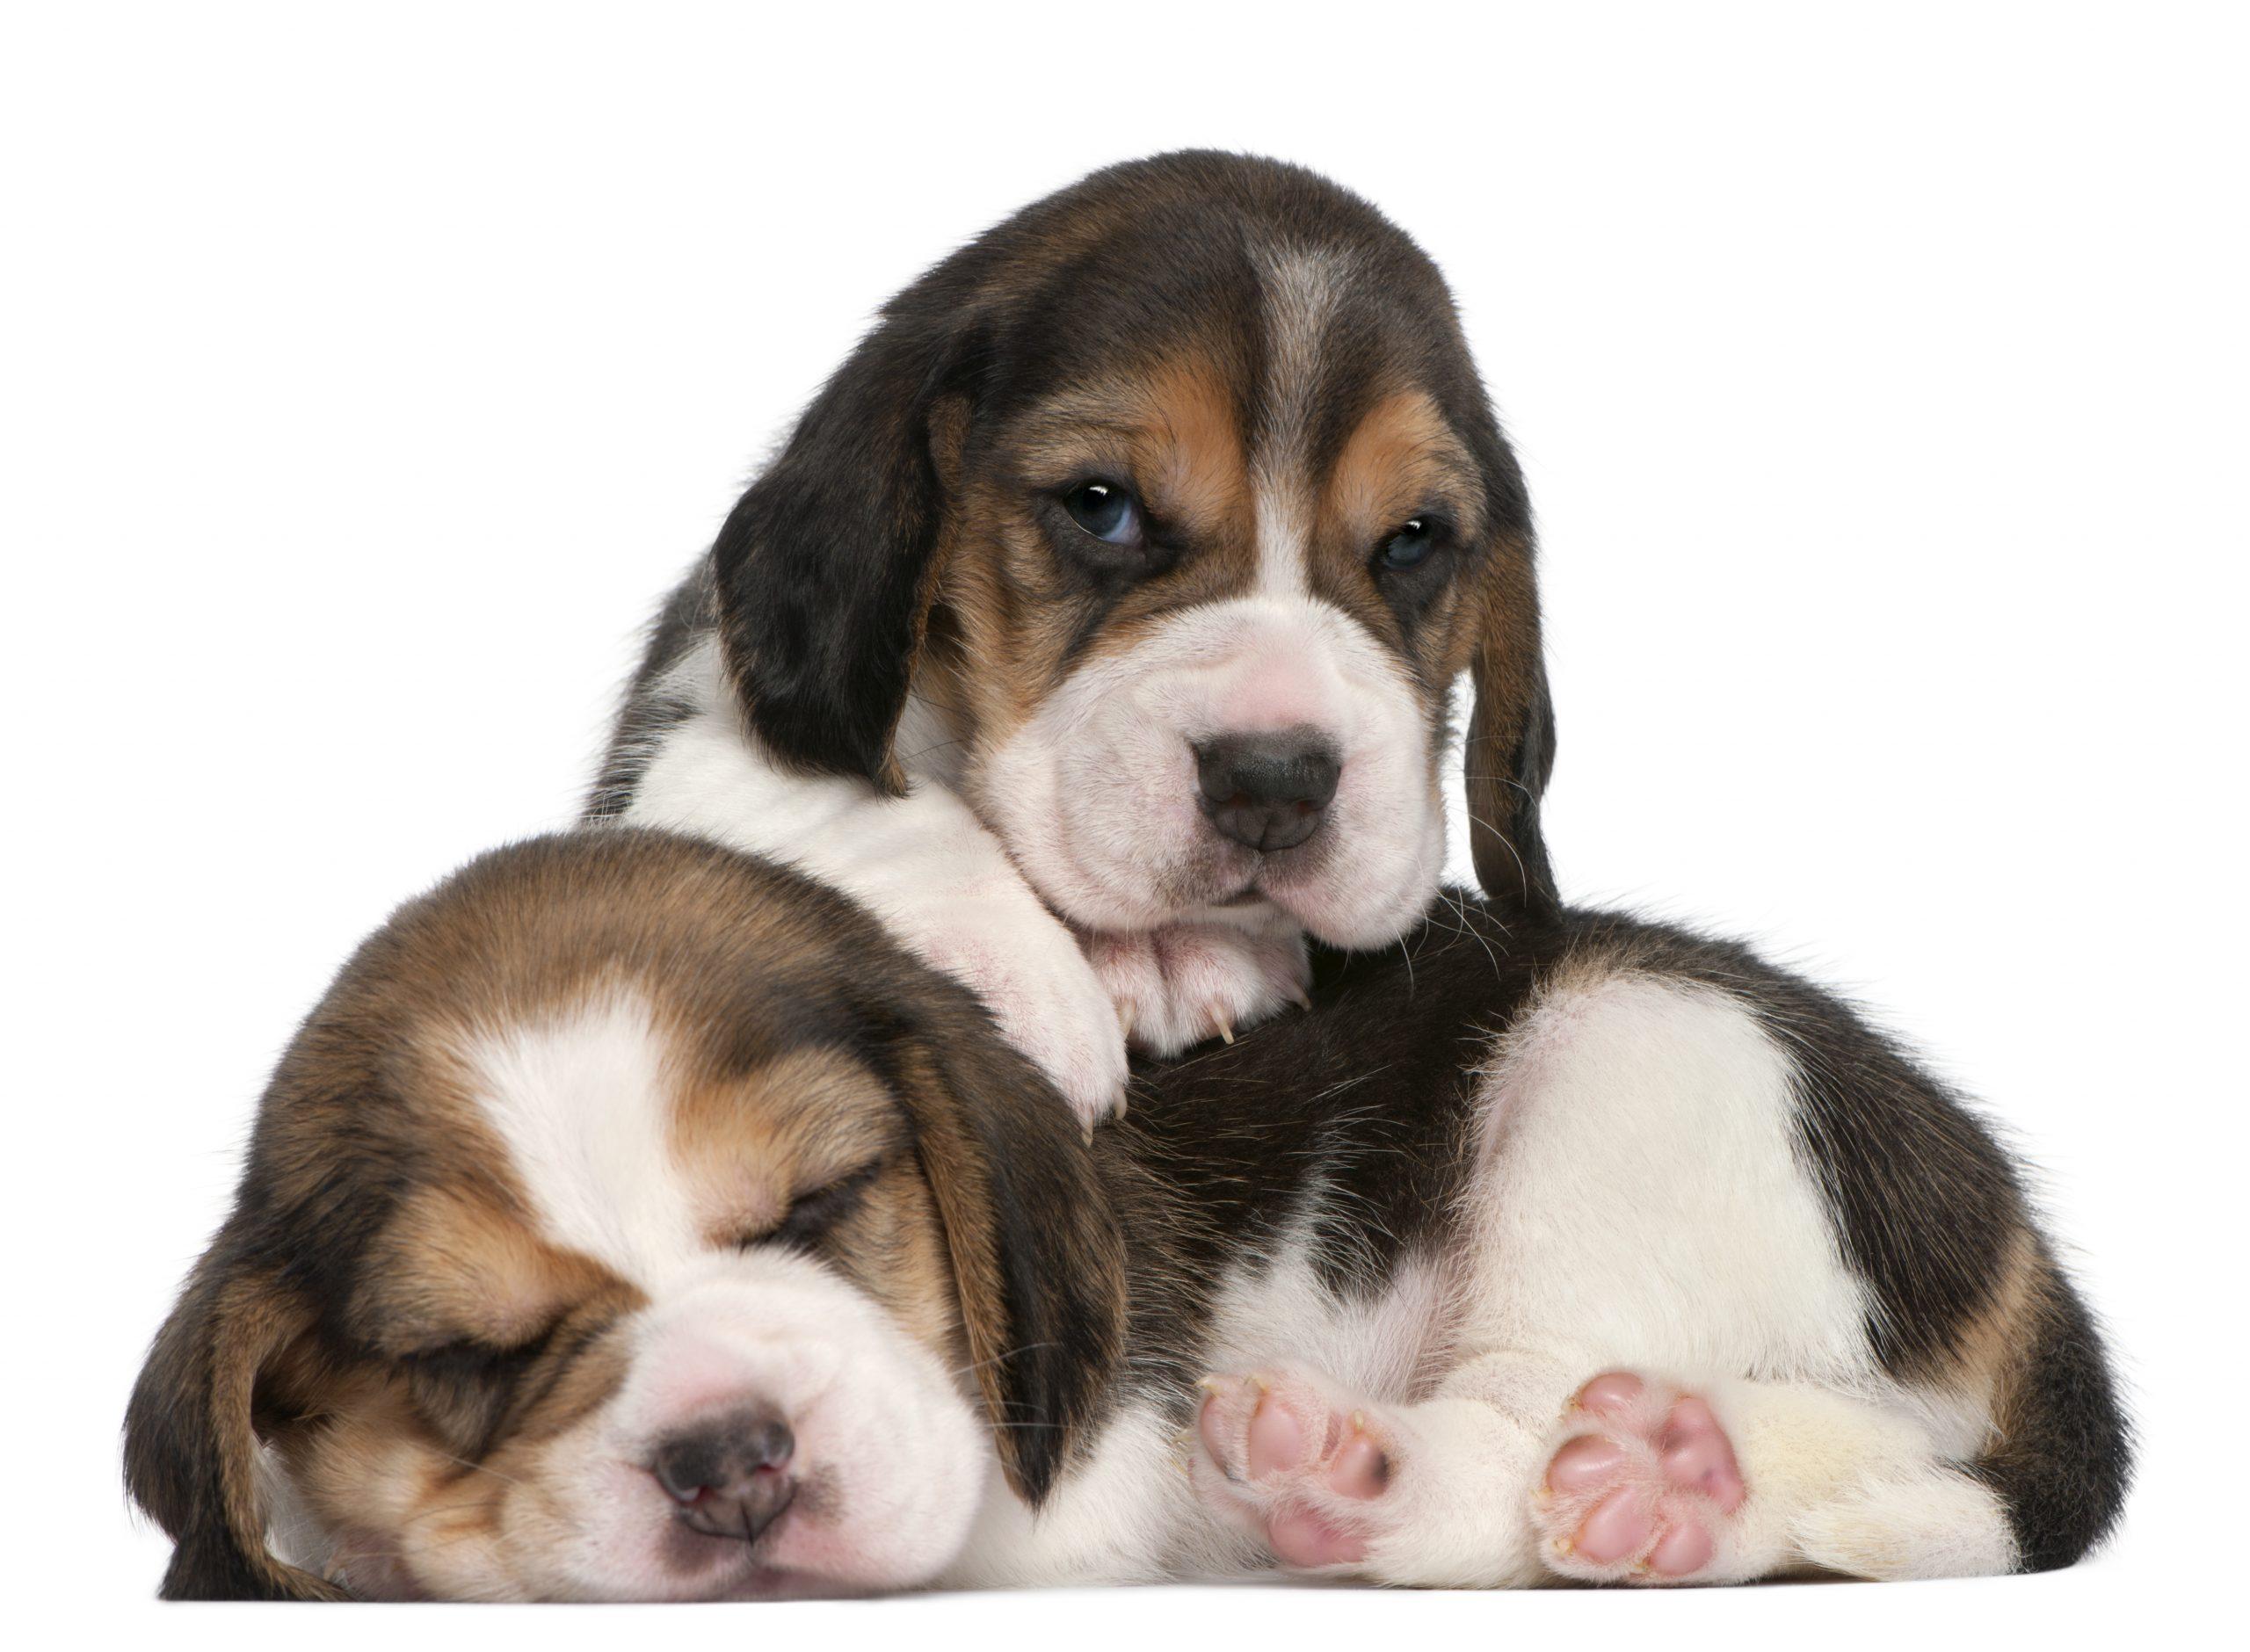 Sustituto de leche para cachorros